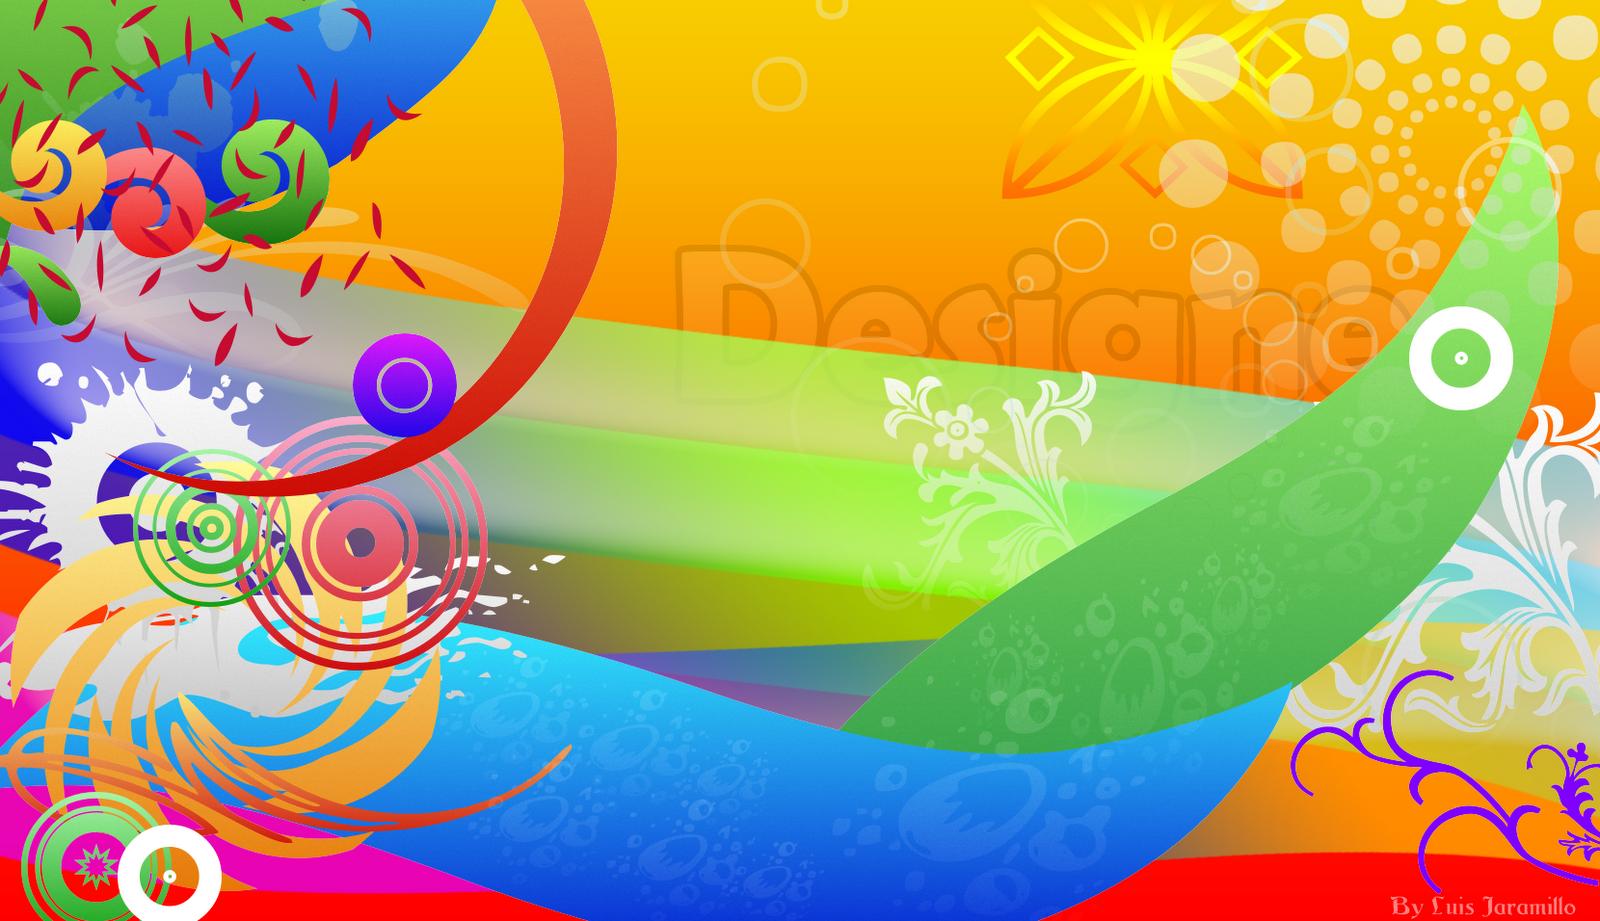 Lj design studios dise o creativo de c rculos y lineas for Diseno grafico gratis